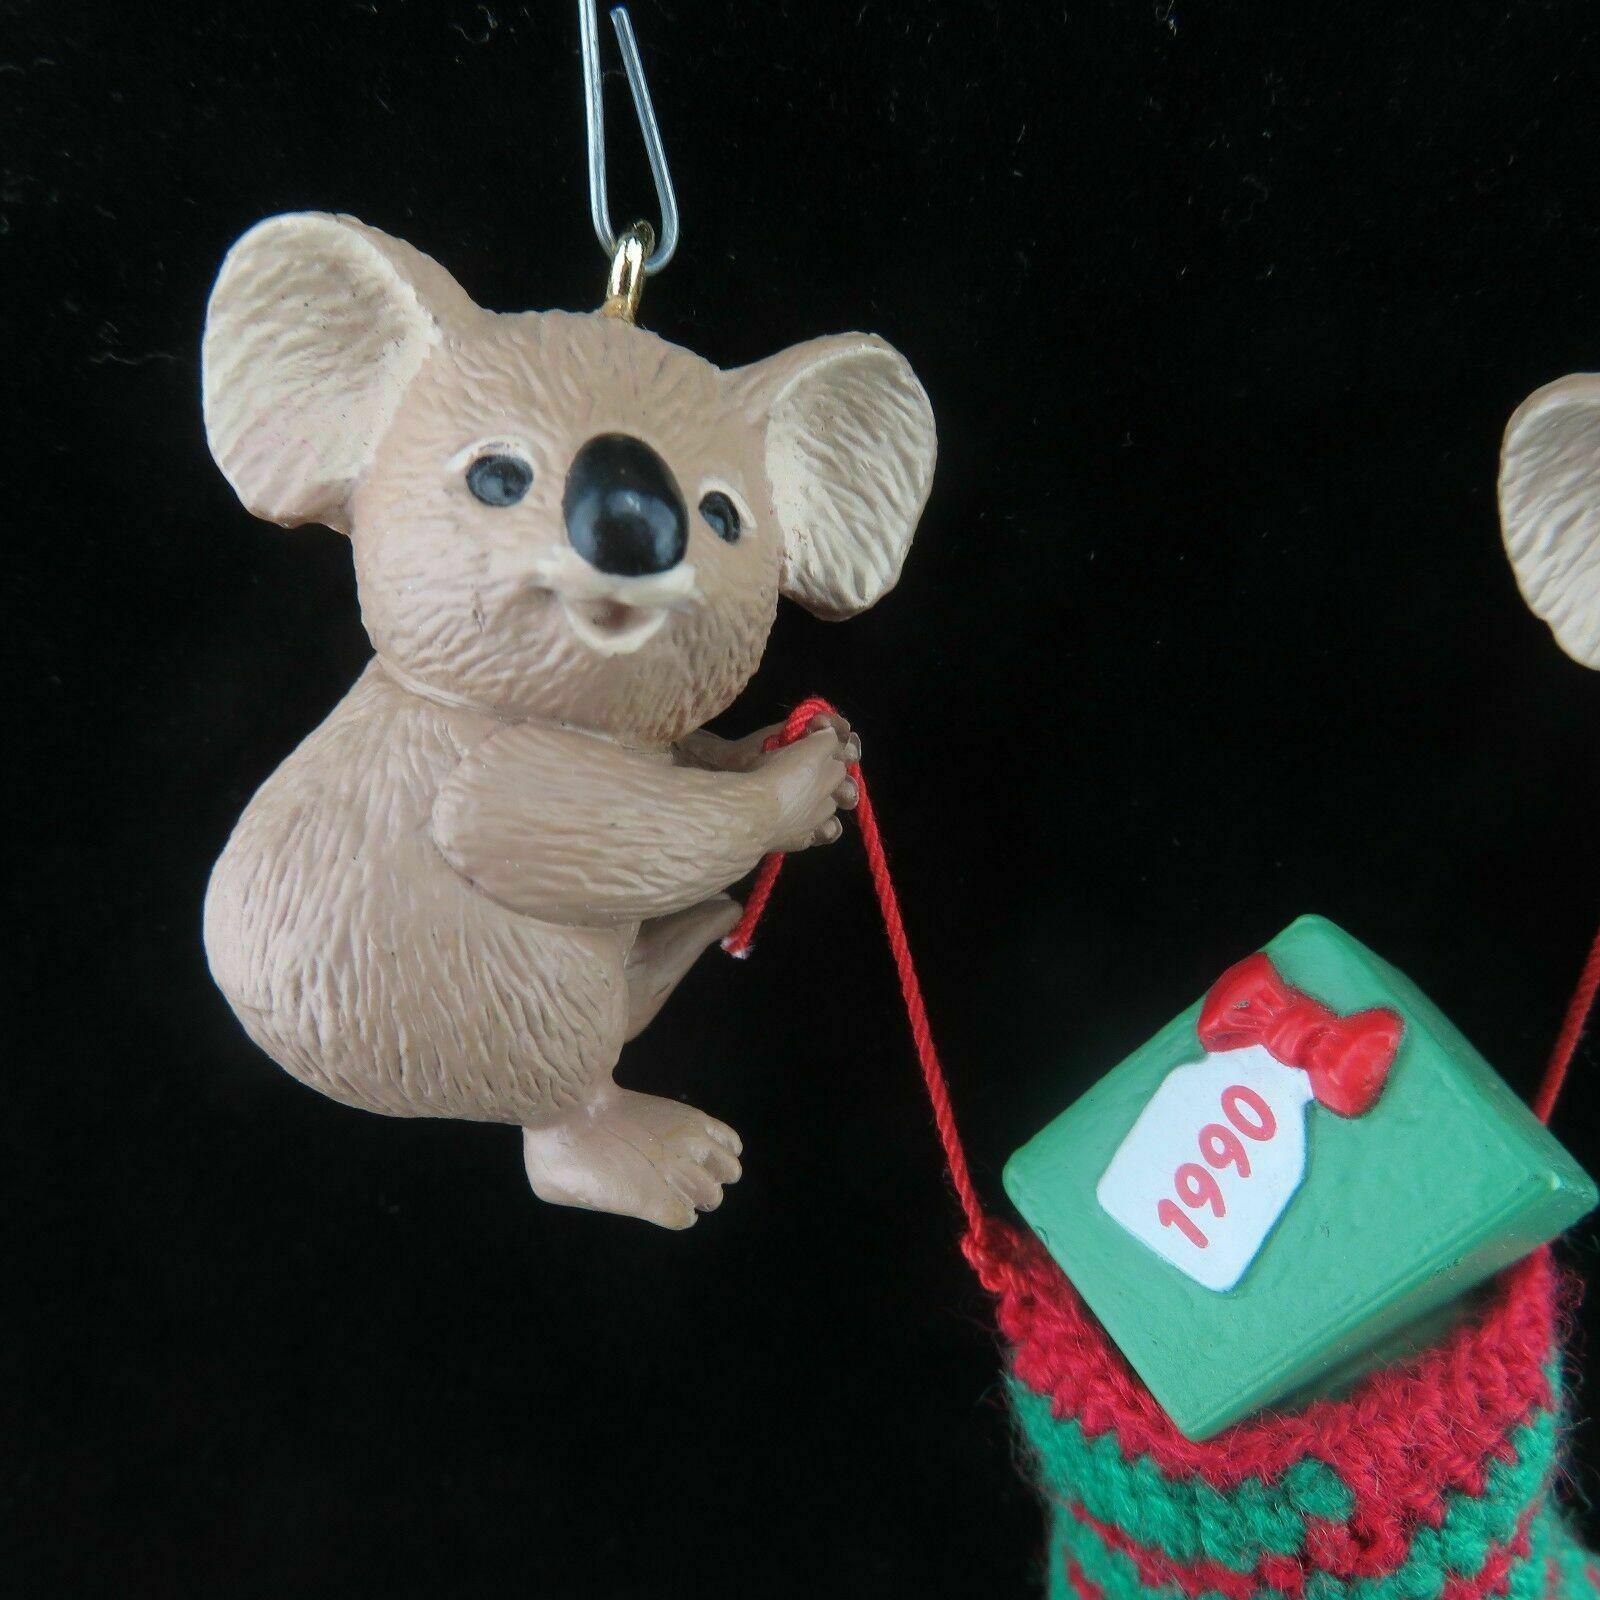 Vintage Koala Christmas Stocking Ornament Hallmark Keepsake 1990 image 4